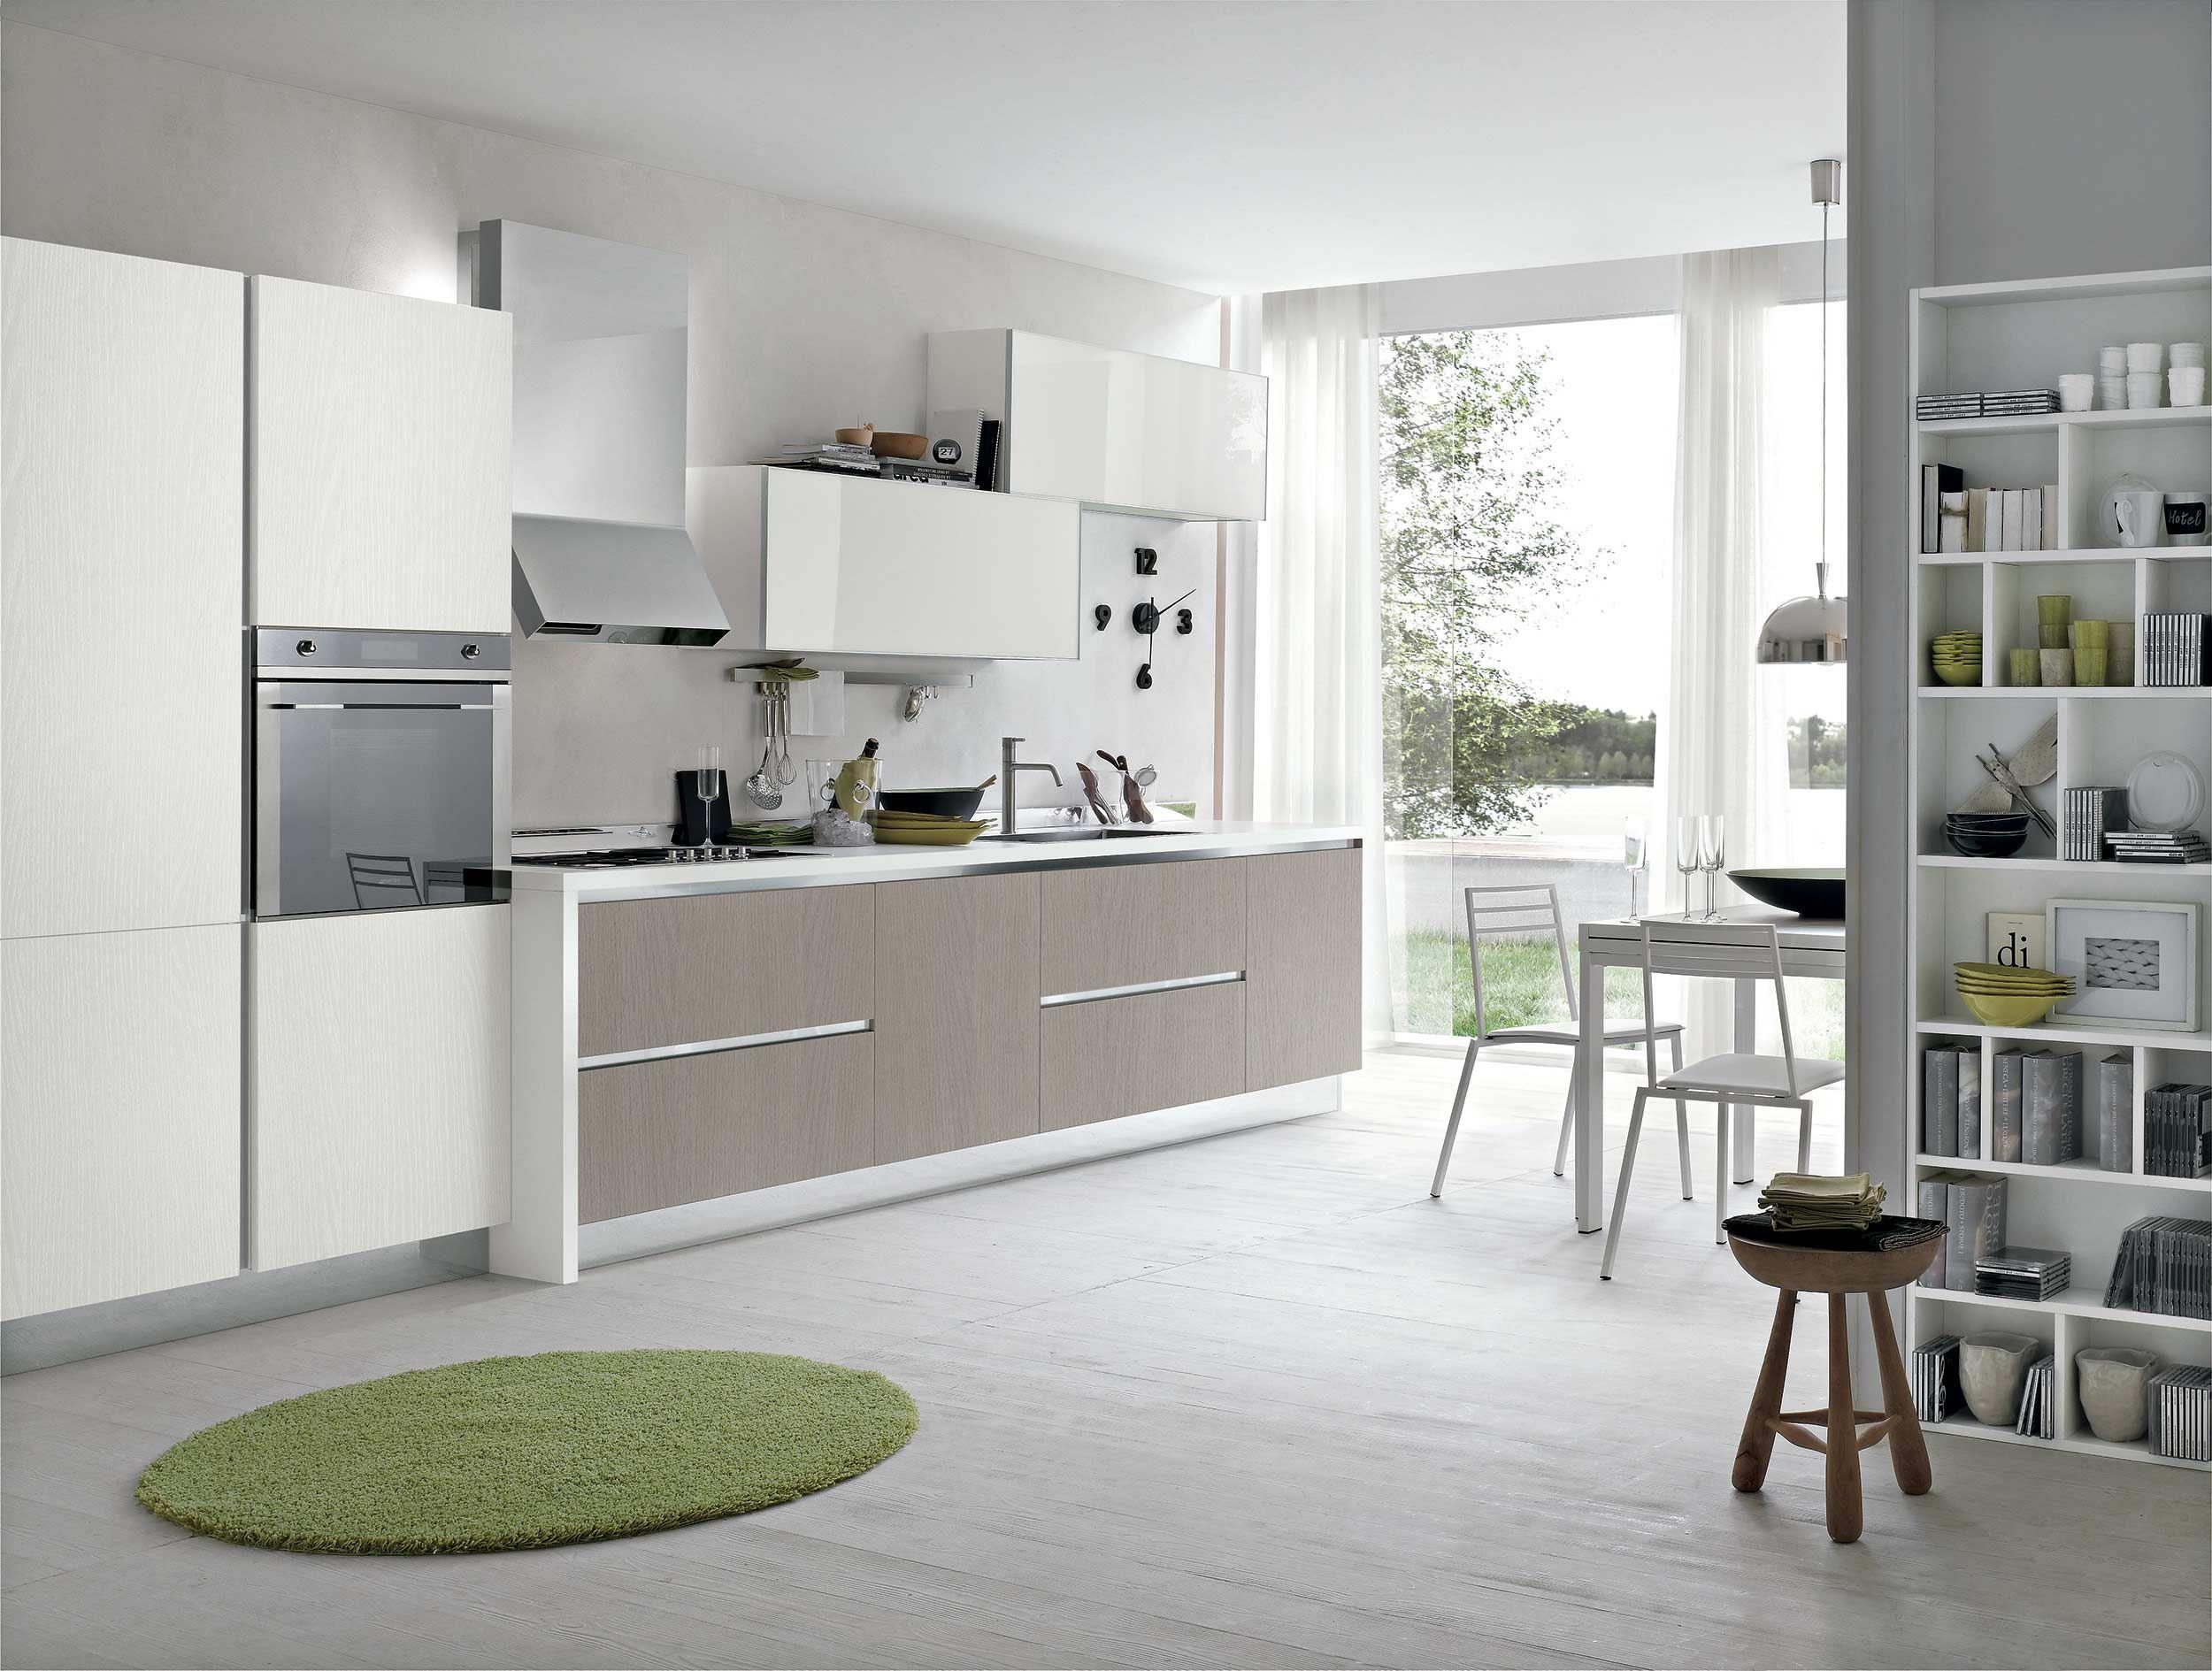 Stosa Milly: il design funzionale, disponibile in tantissime ...